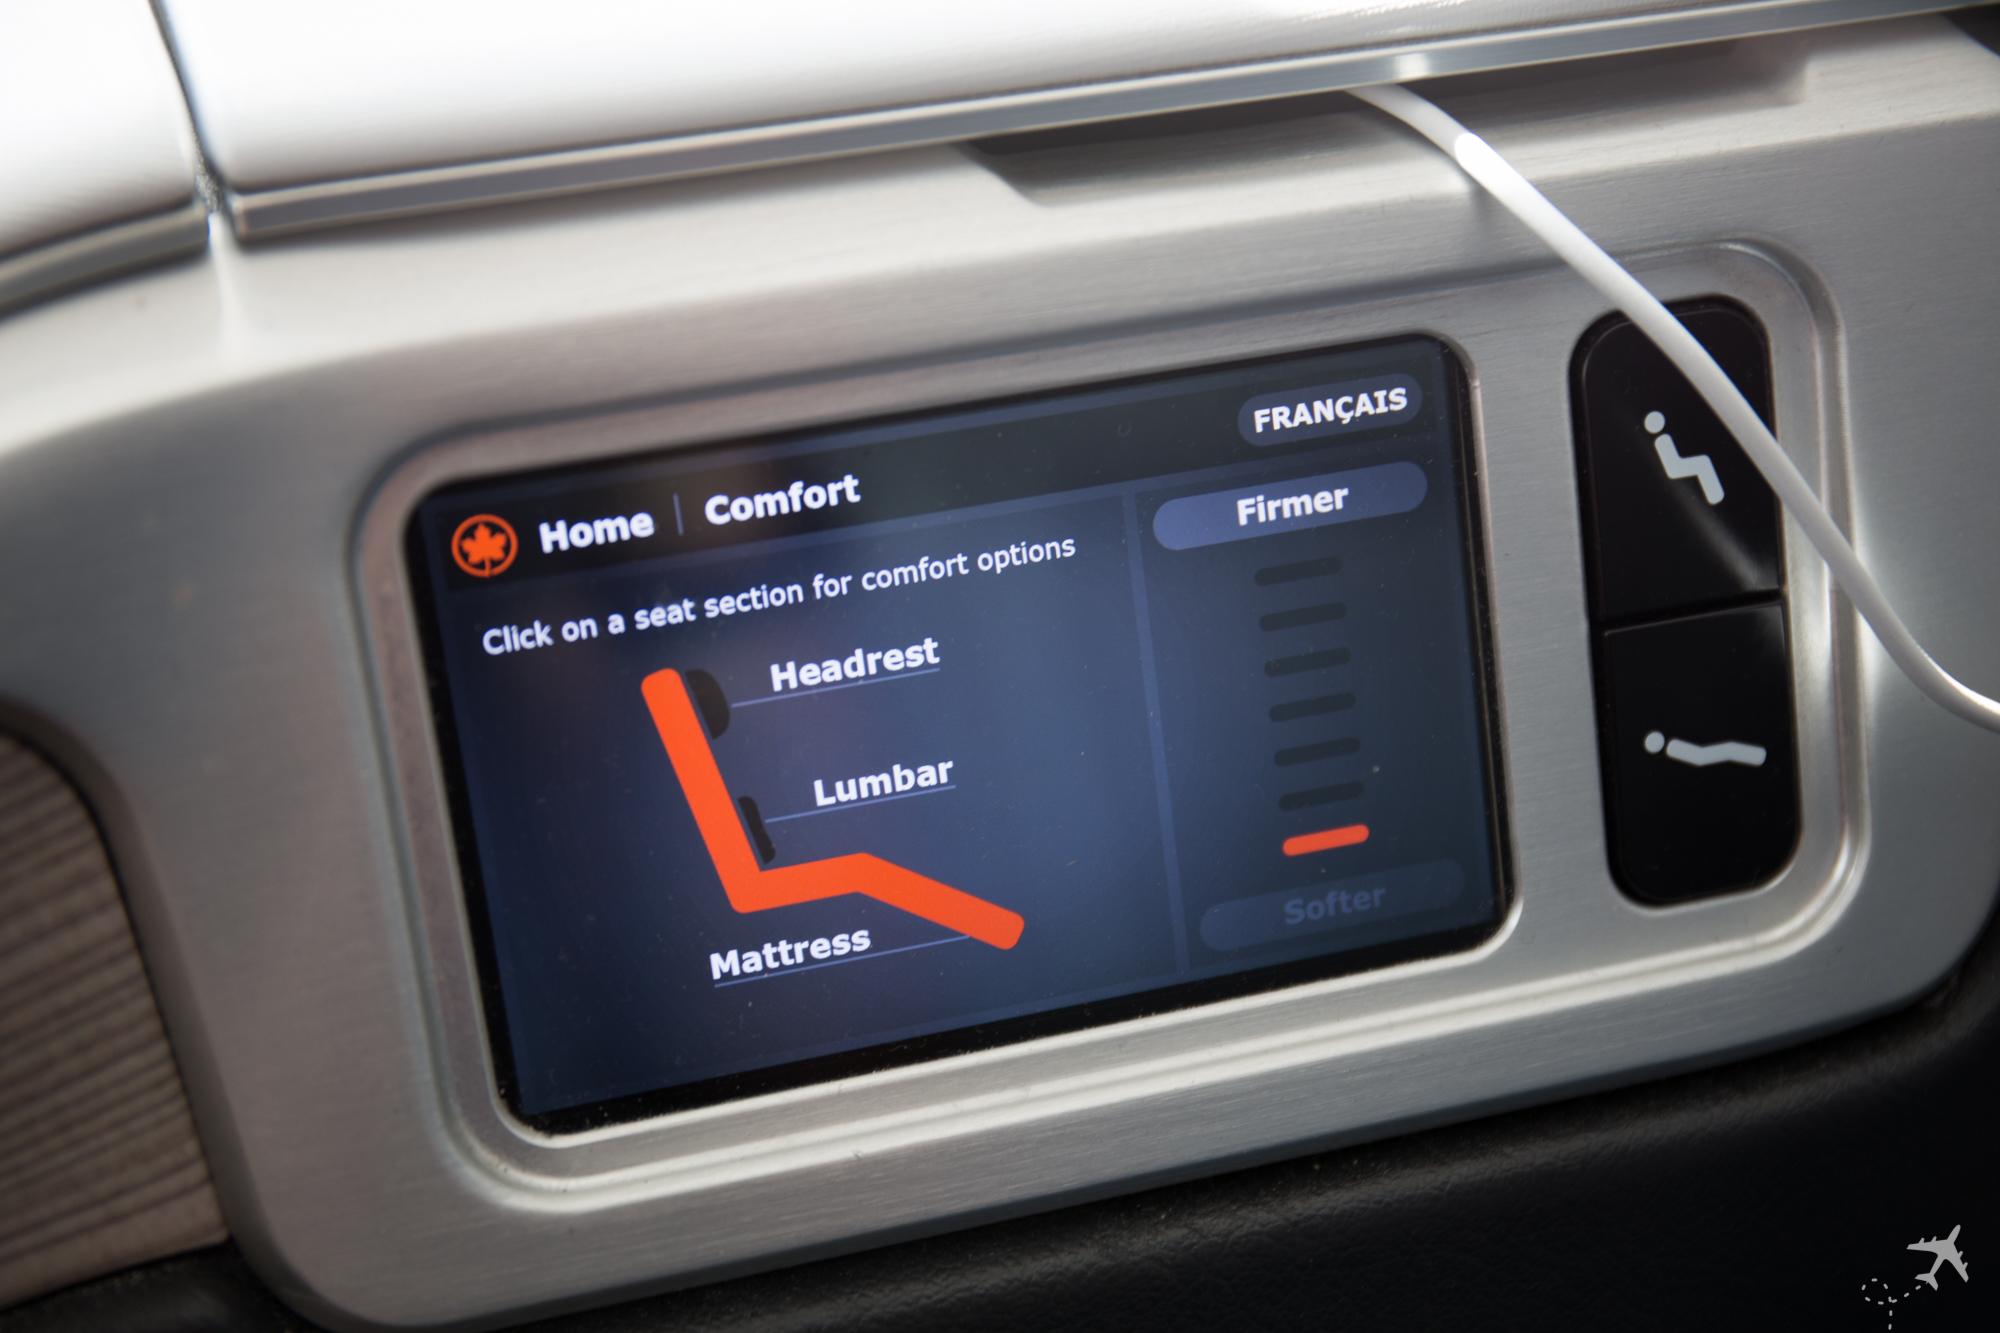 Air Canada Boeing 787-9 Business Class Control Comfort Mattress